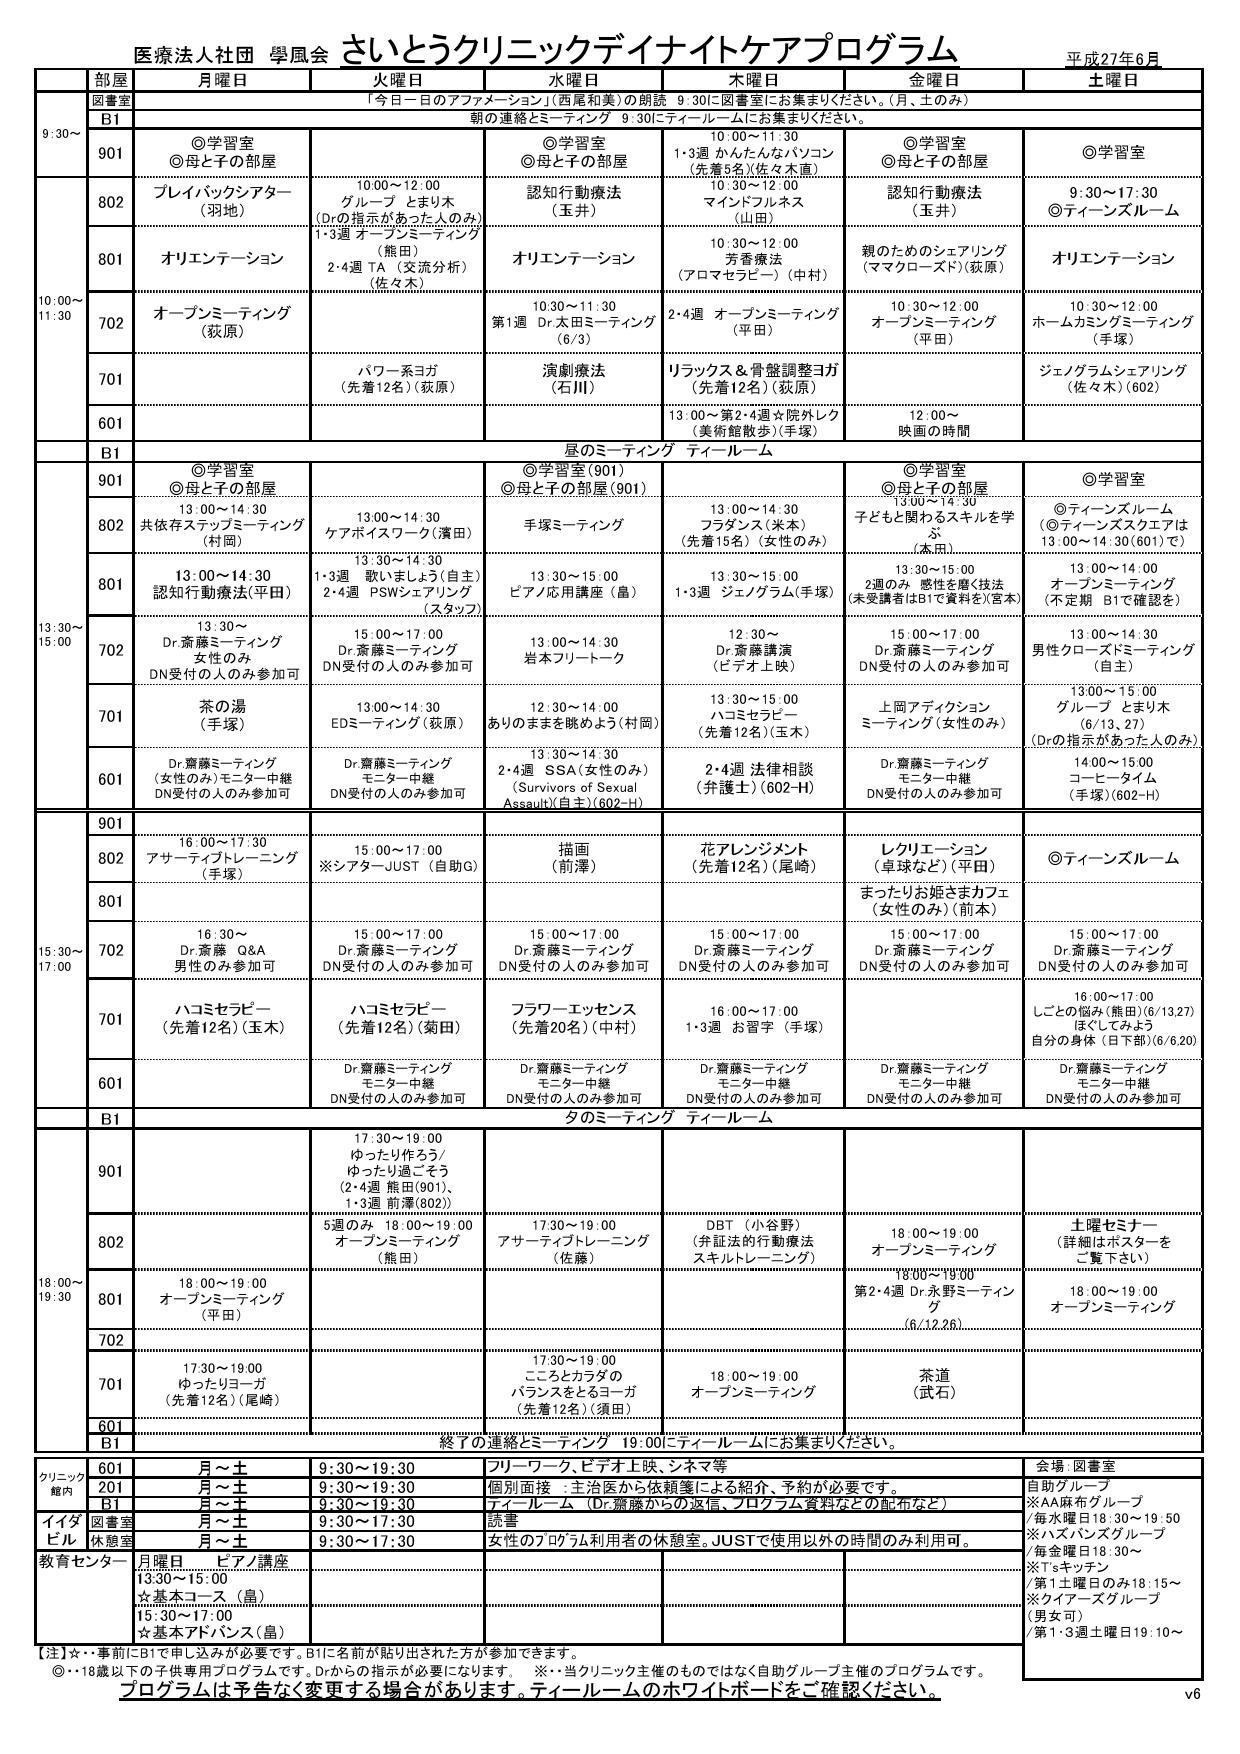 201506月プログラム進行表0001